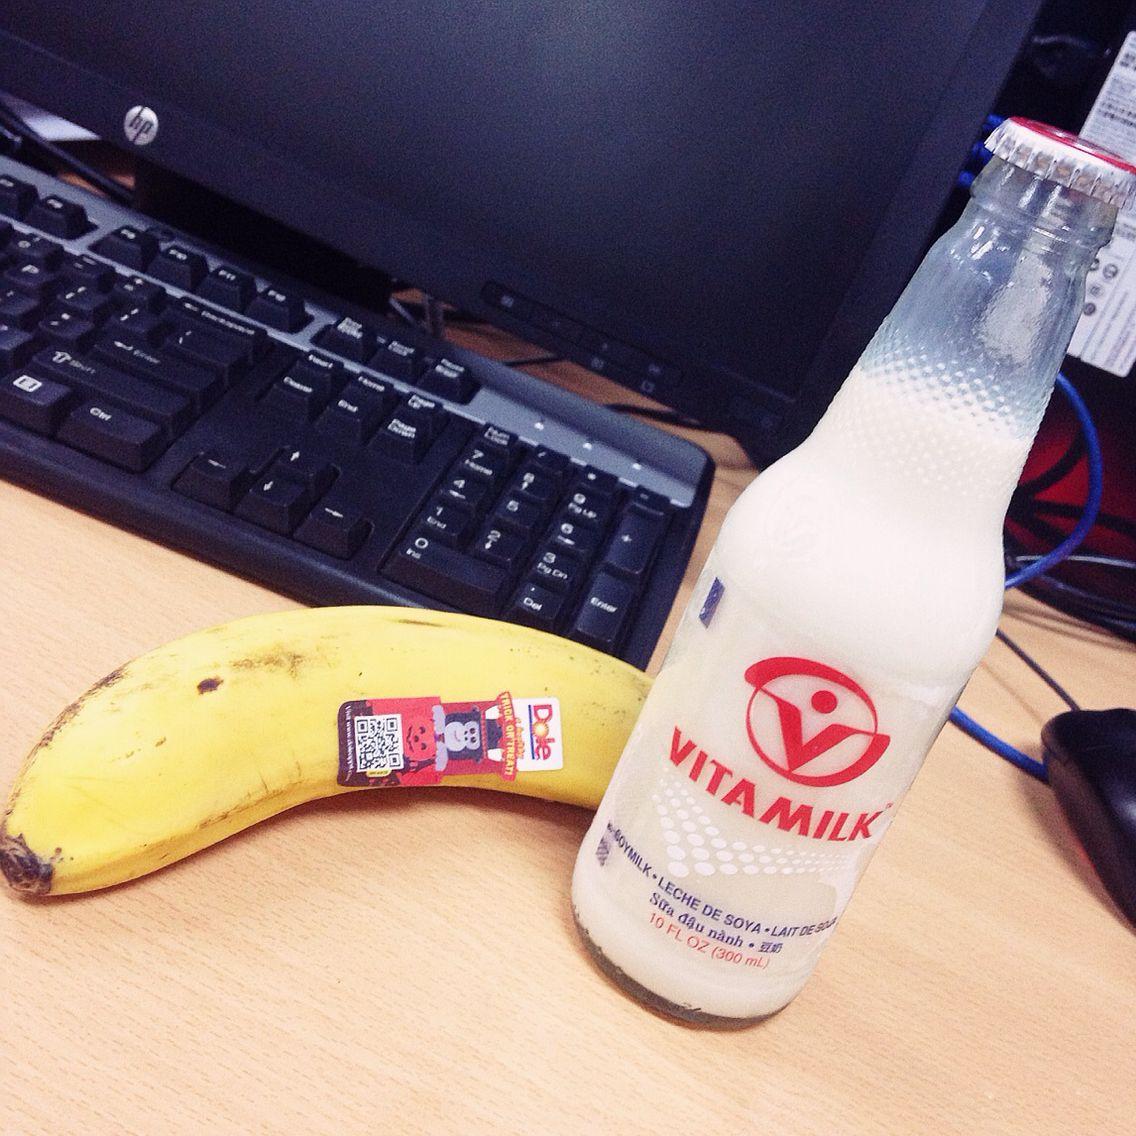 #banana #vitamilk #seradiet